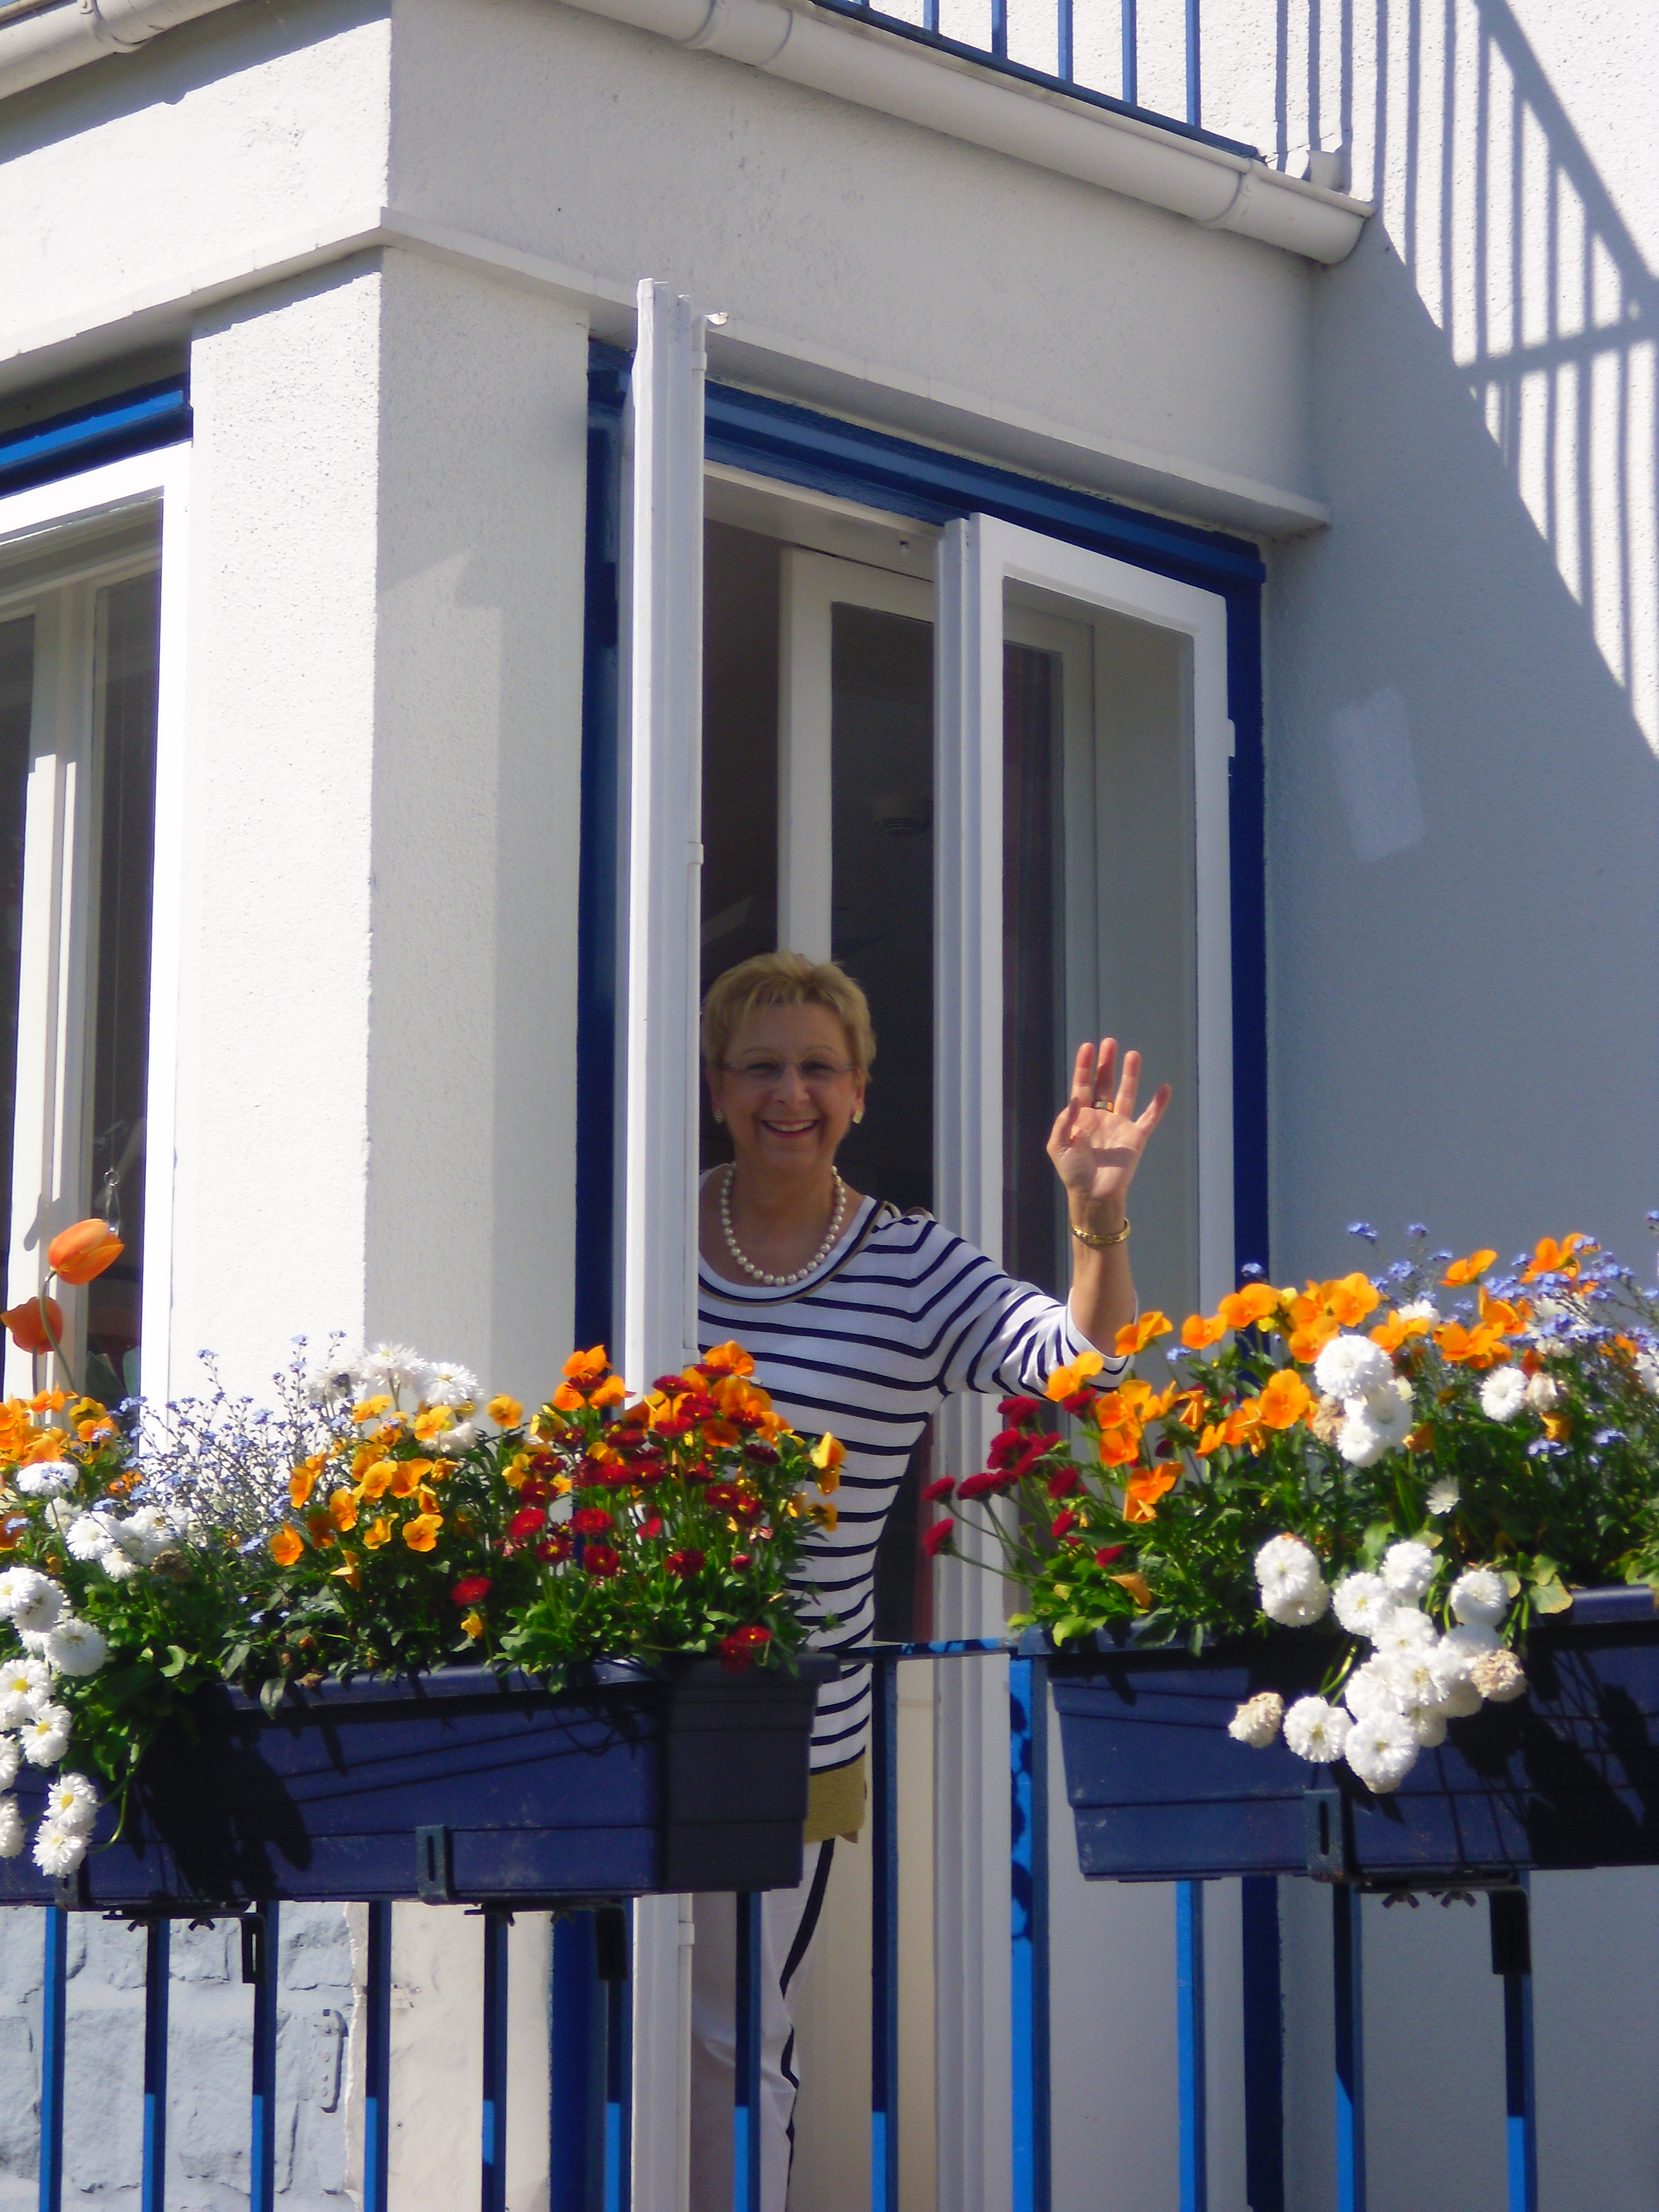 Im Augusta-Haus befindet sich auch die Verwaltung und unter anderem das Büro der Oberin, Elisabeth Gleiß, die hier aus Ihrem Fenster winkt.